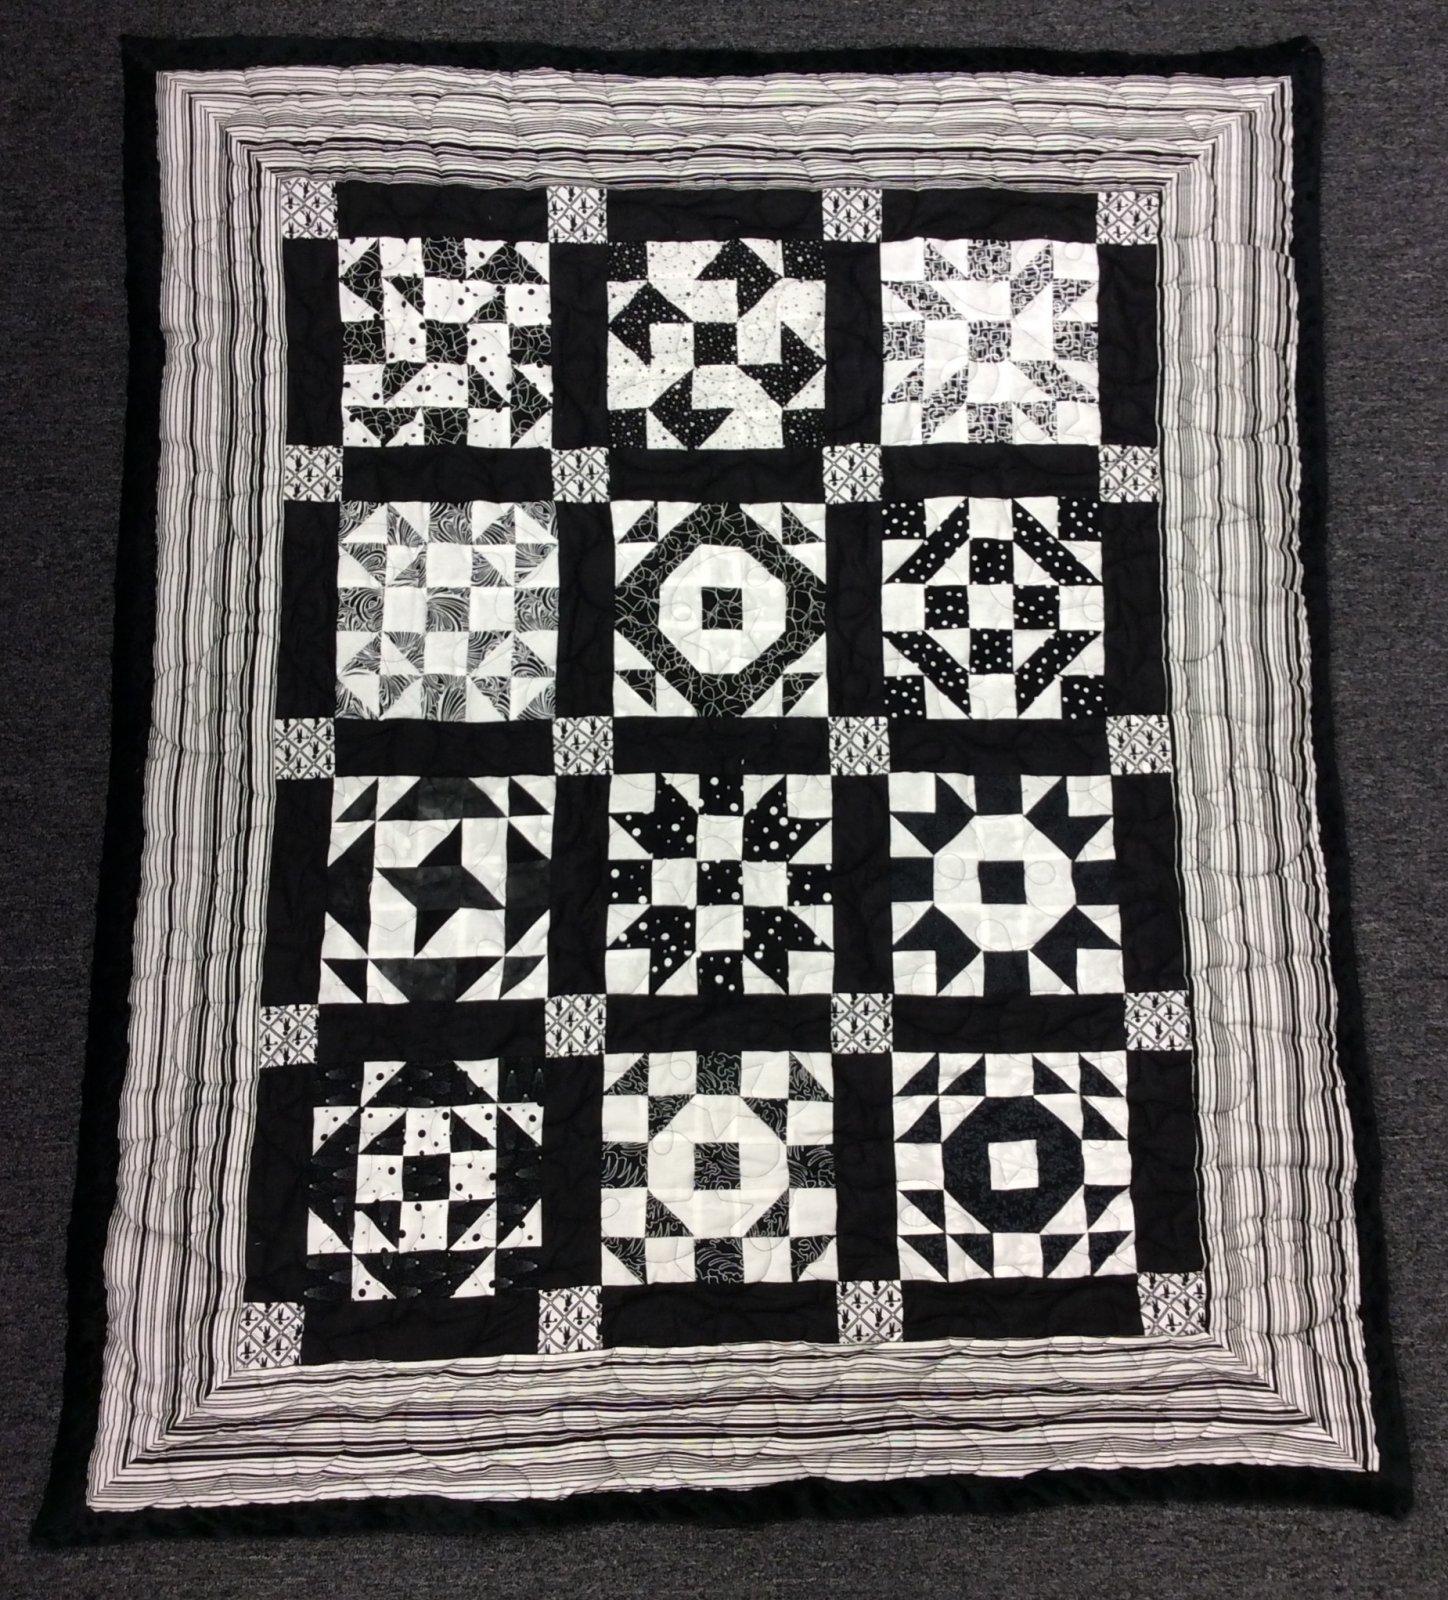 Black & White Quilt 39 x 47